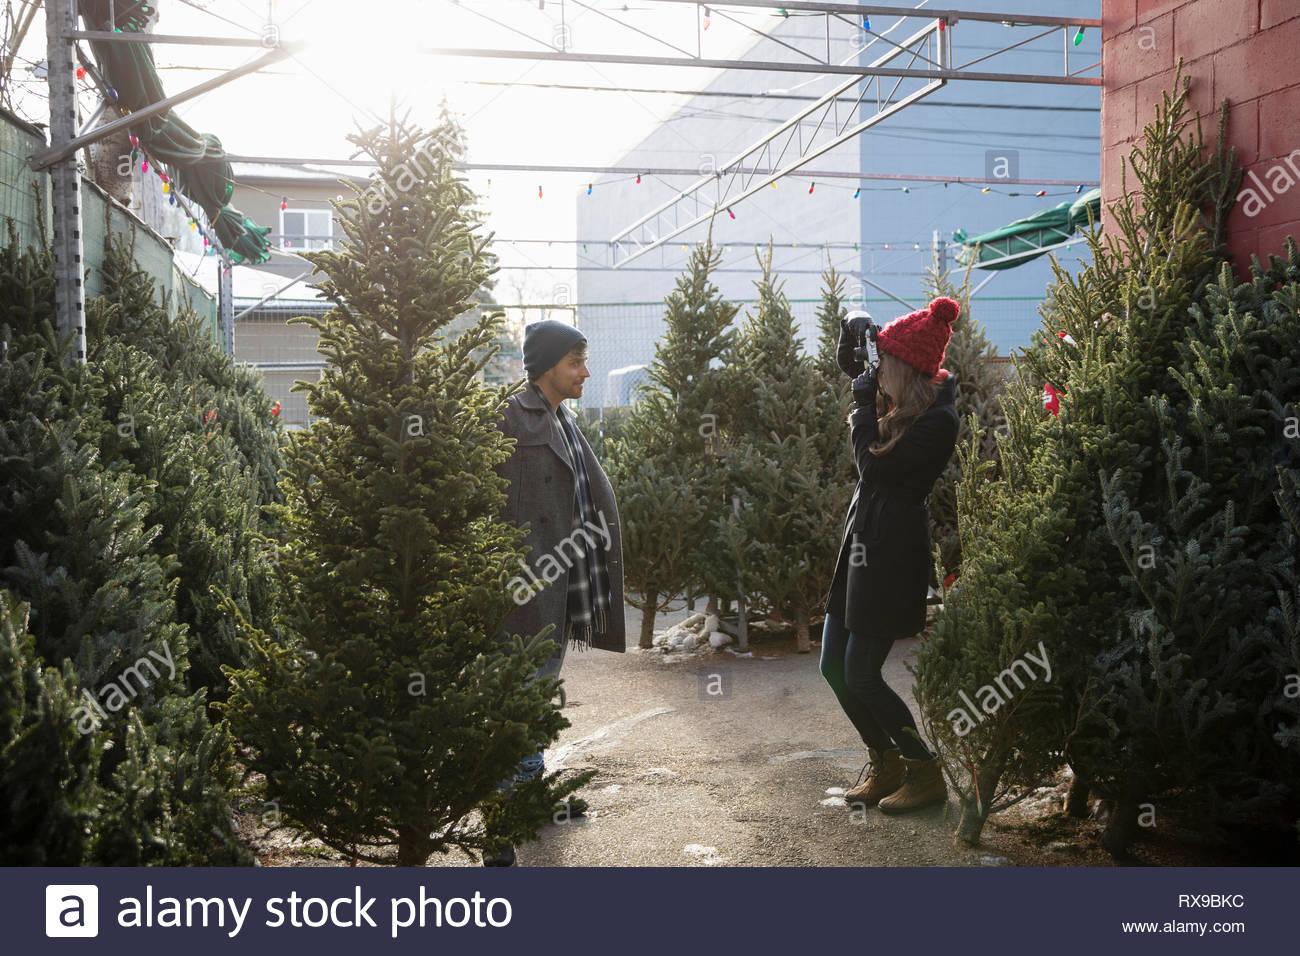 Paar mit Kamera Handy Shopping für Weihnachtsbaum am Weihnachtsmarkt Stockfoto